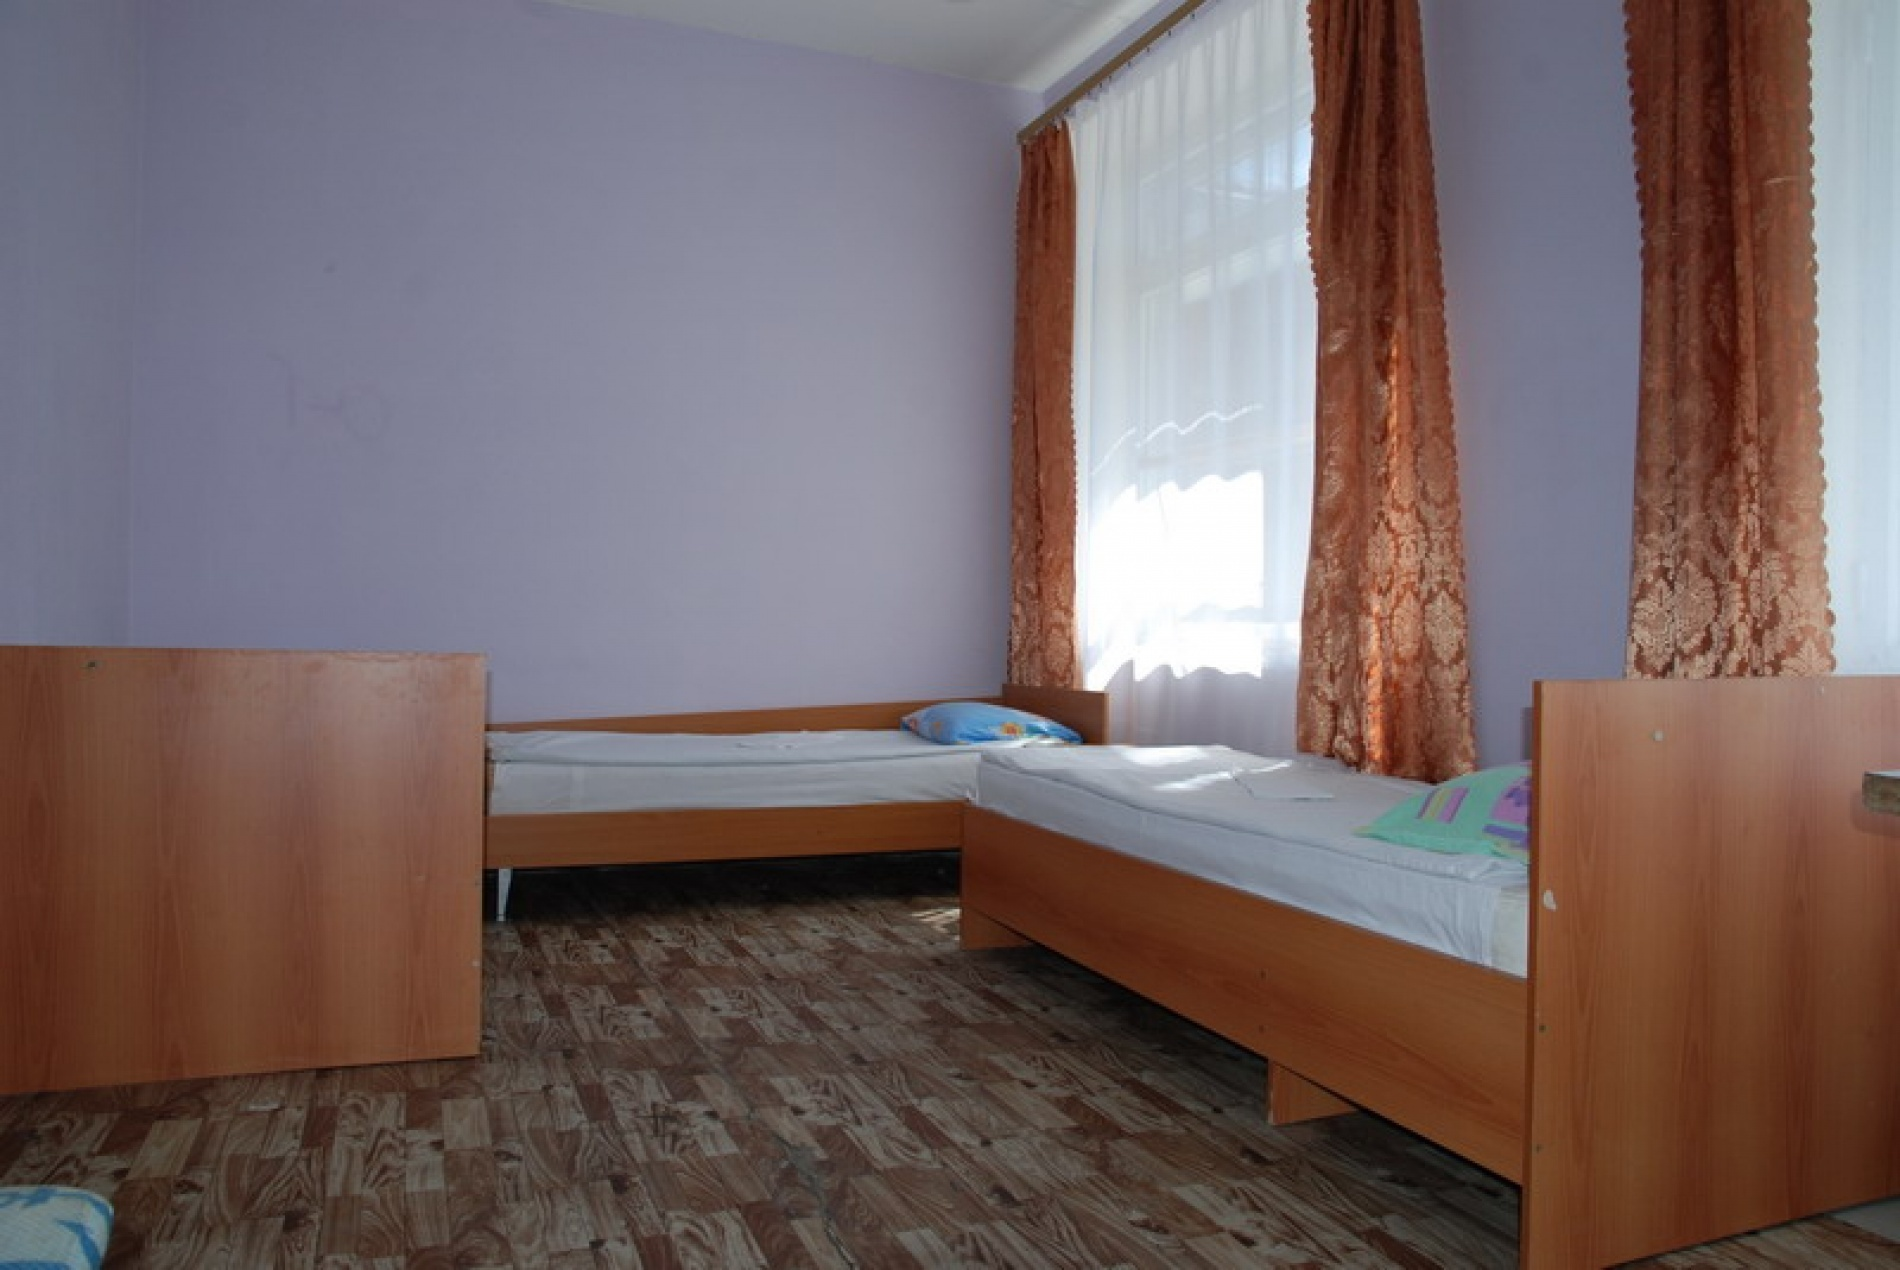 """База отдыха """"Бажовия"""" Свердловская область 4-5 комнатные номера (экономкласса). Основной корпус, фото 2"""